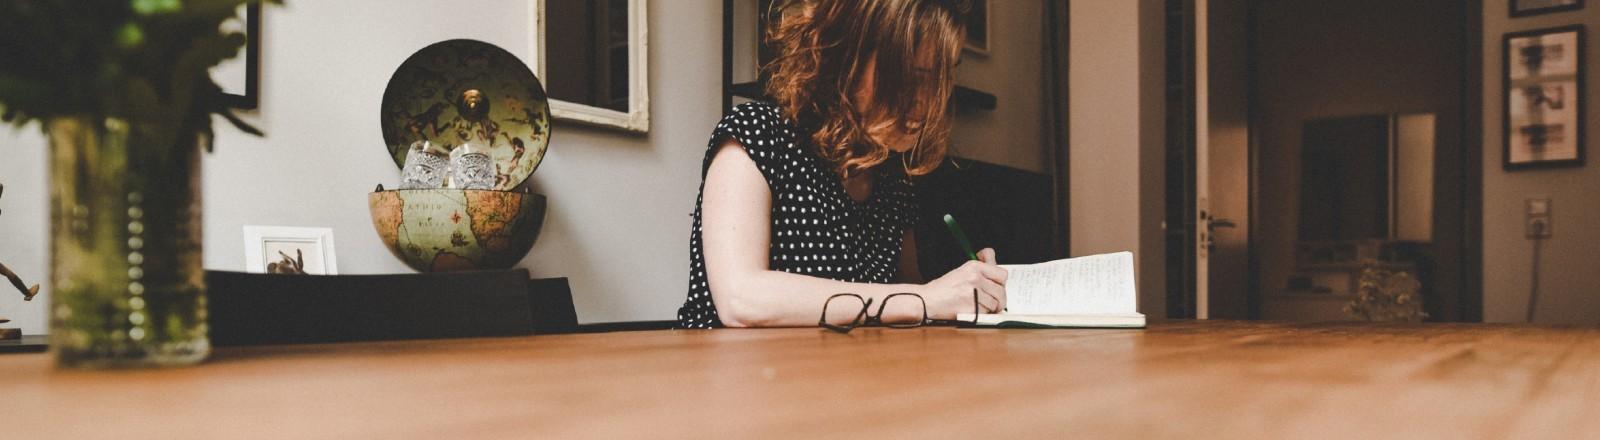 Junge Frau sitzt am Tisch und macht Notizen in einen Planer.